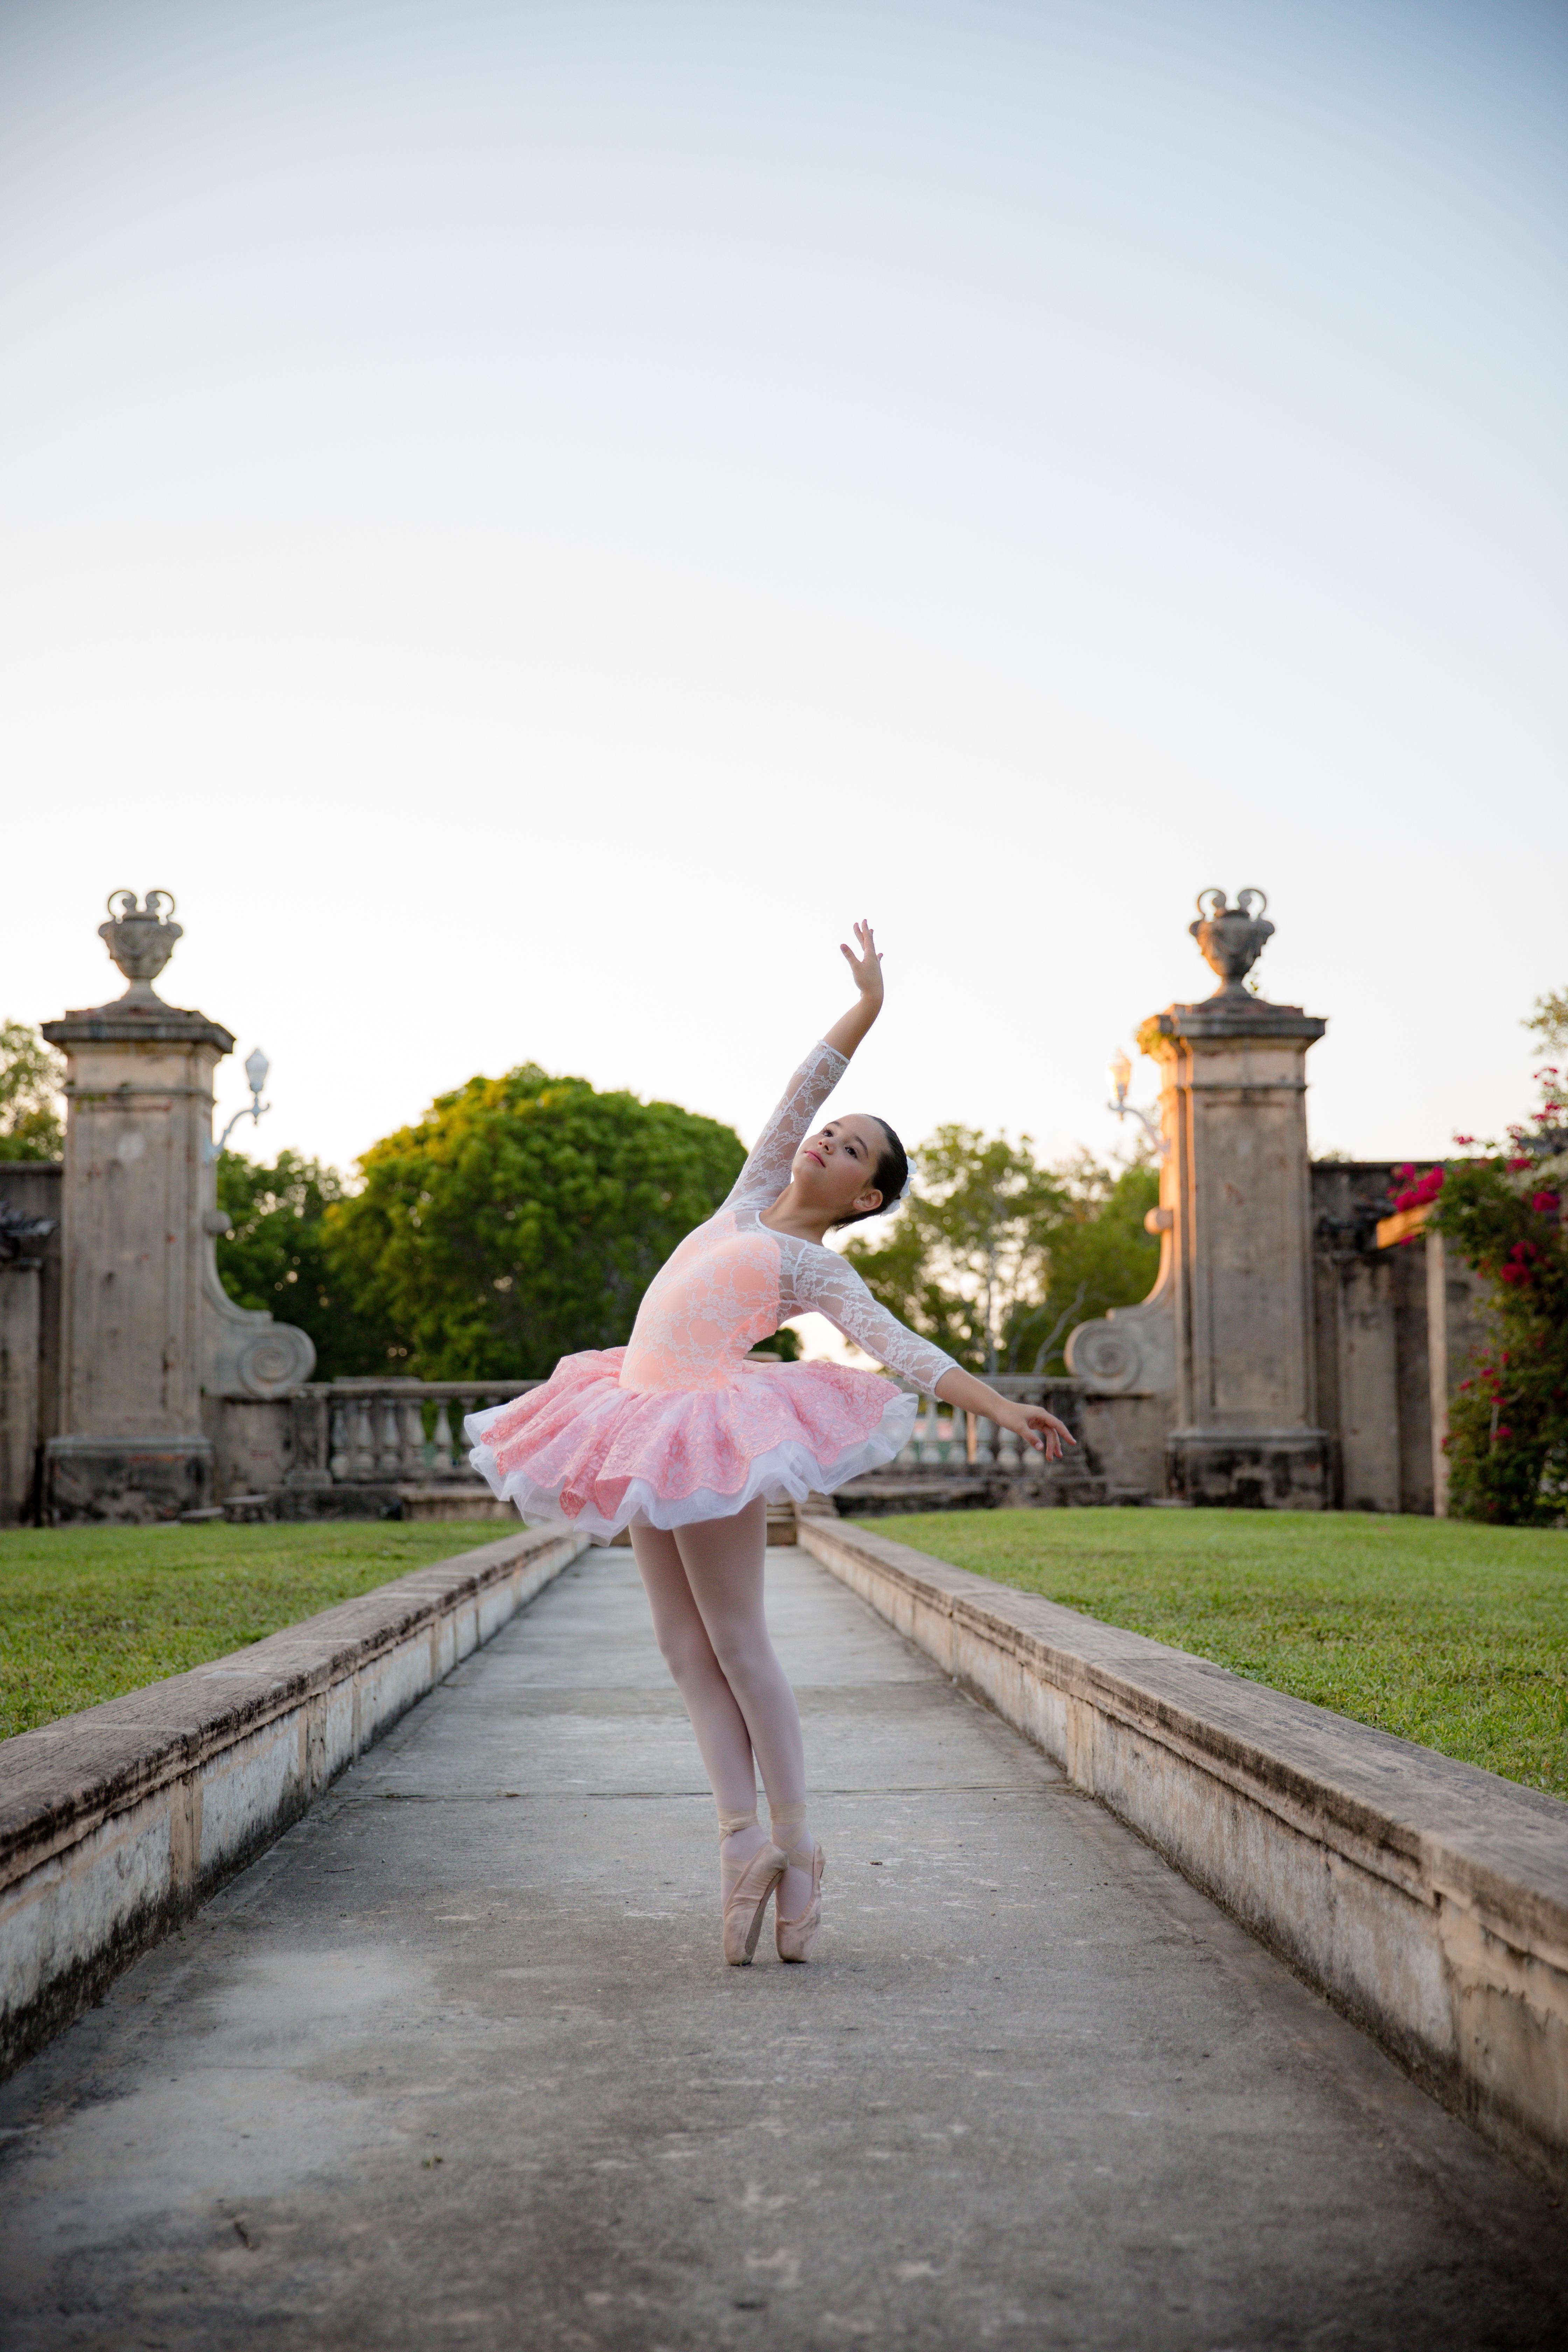 Ballerinas-19256